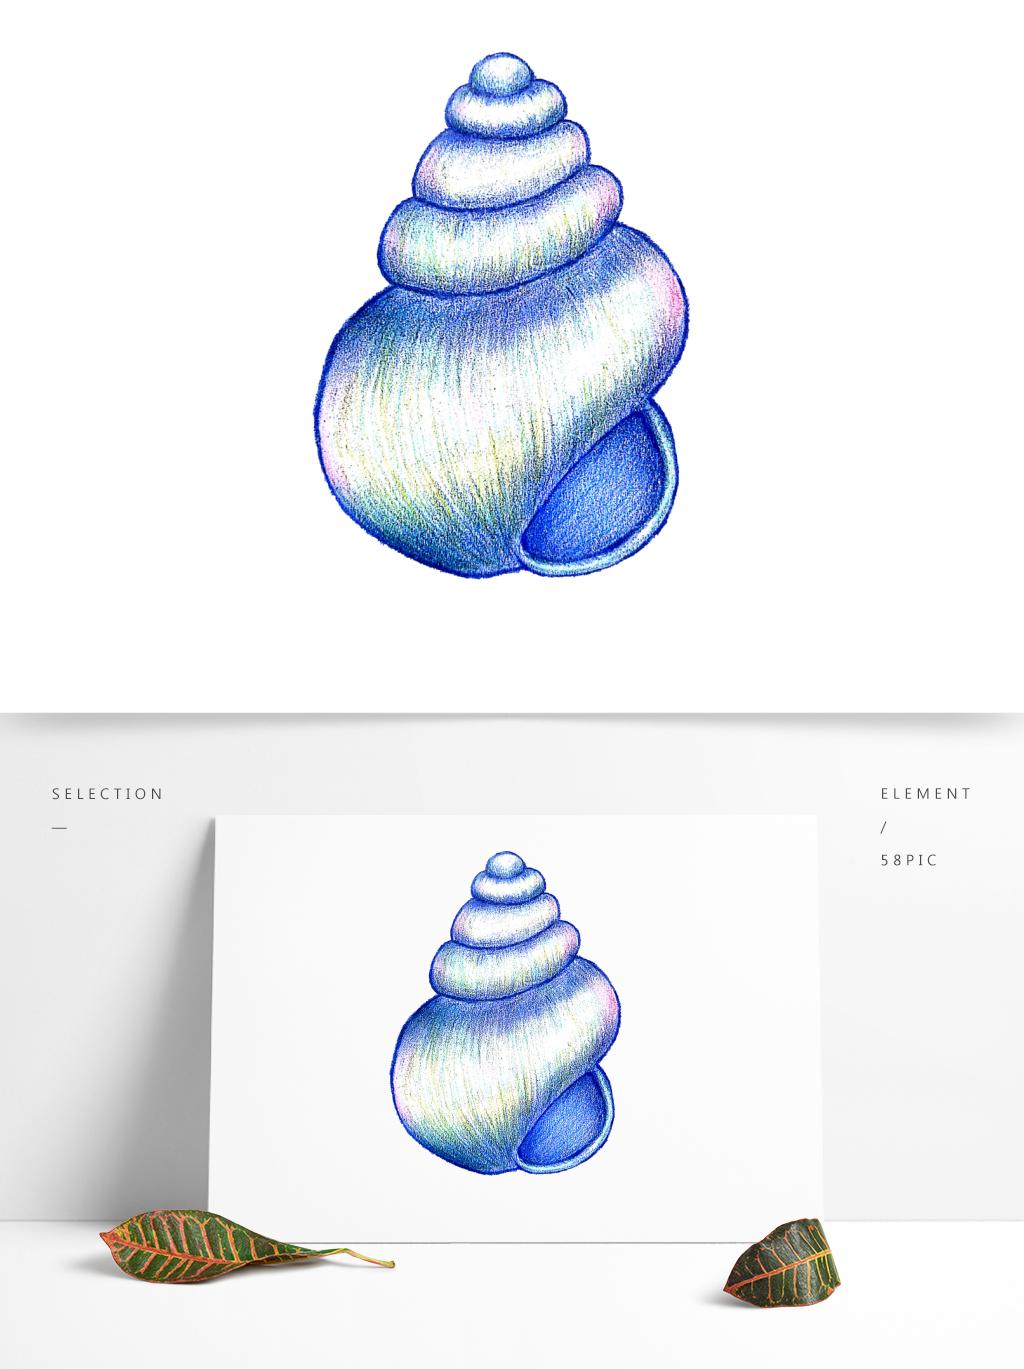 蓝色小清新贝壳治愈系手绘彩铅